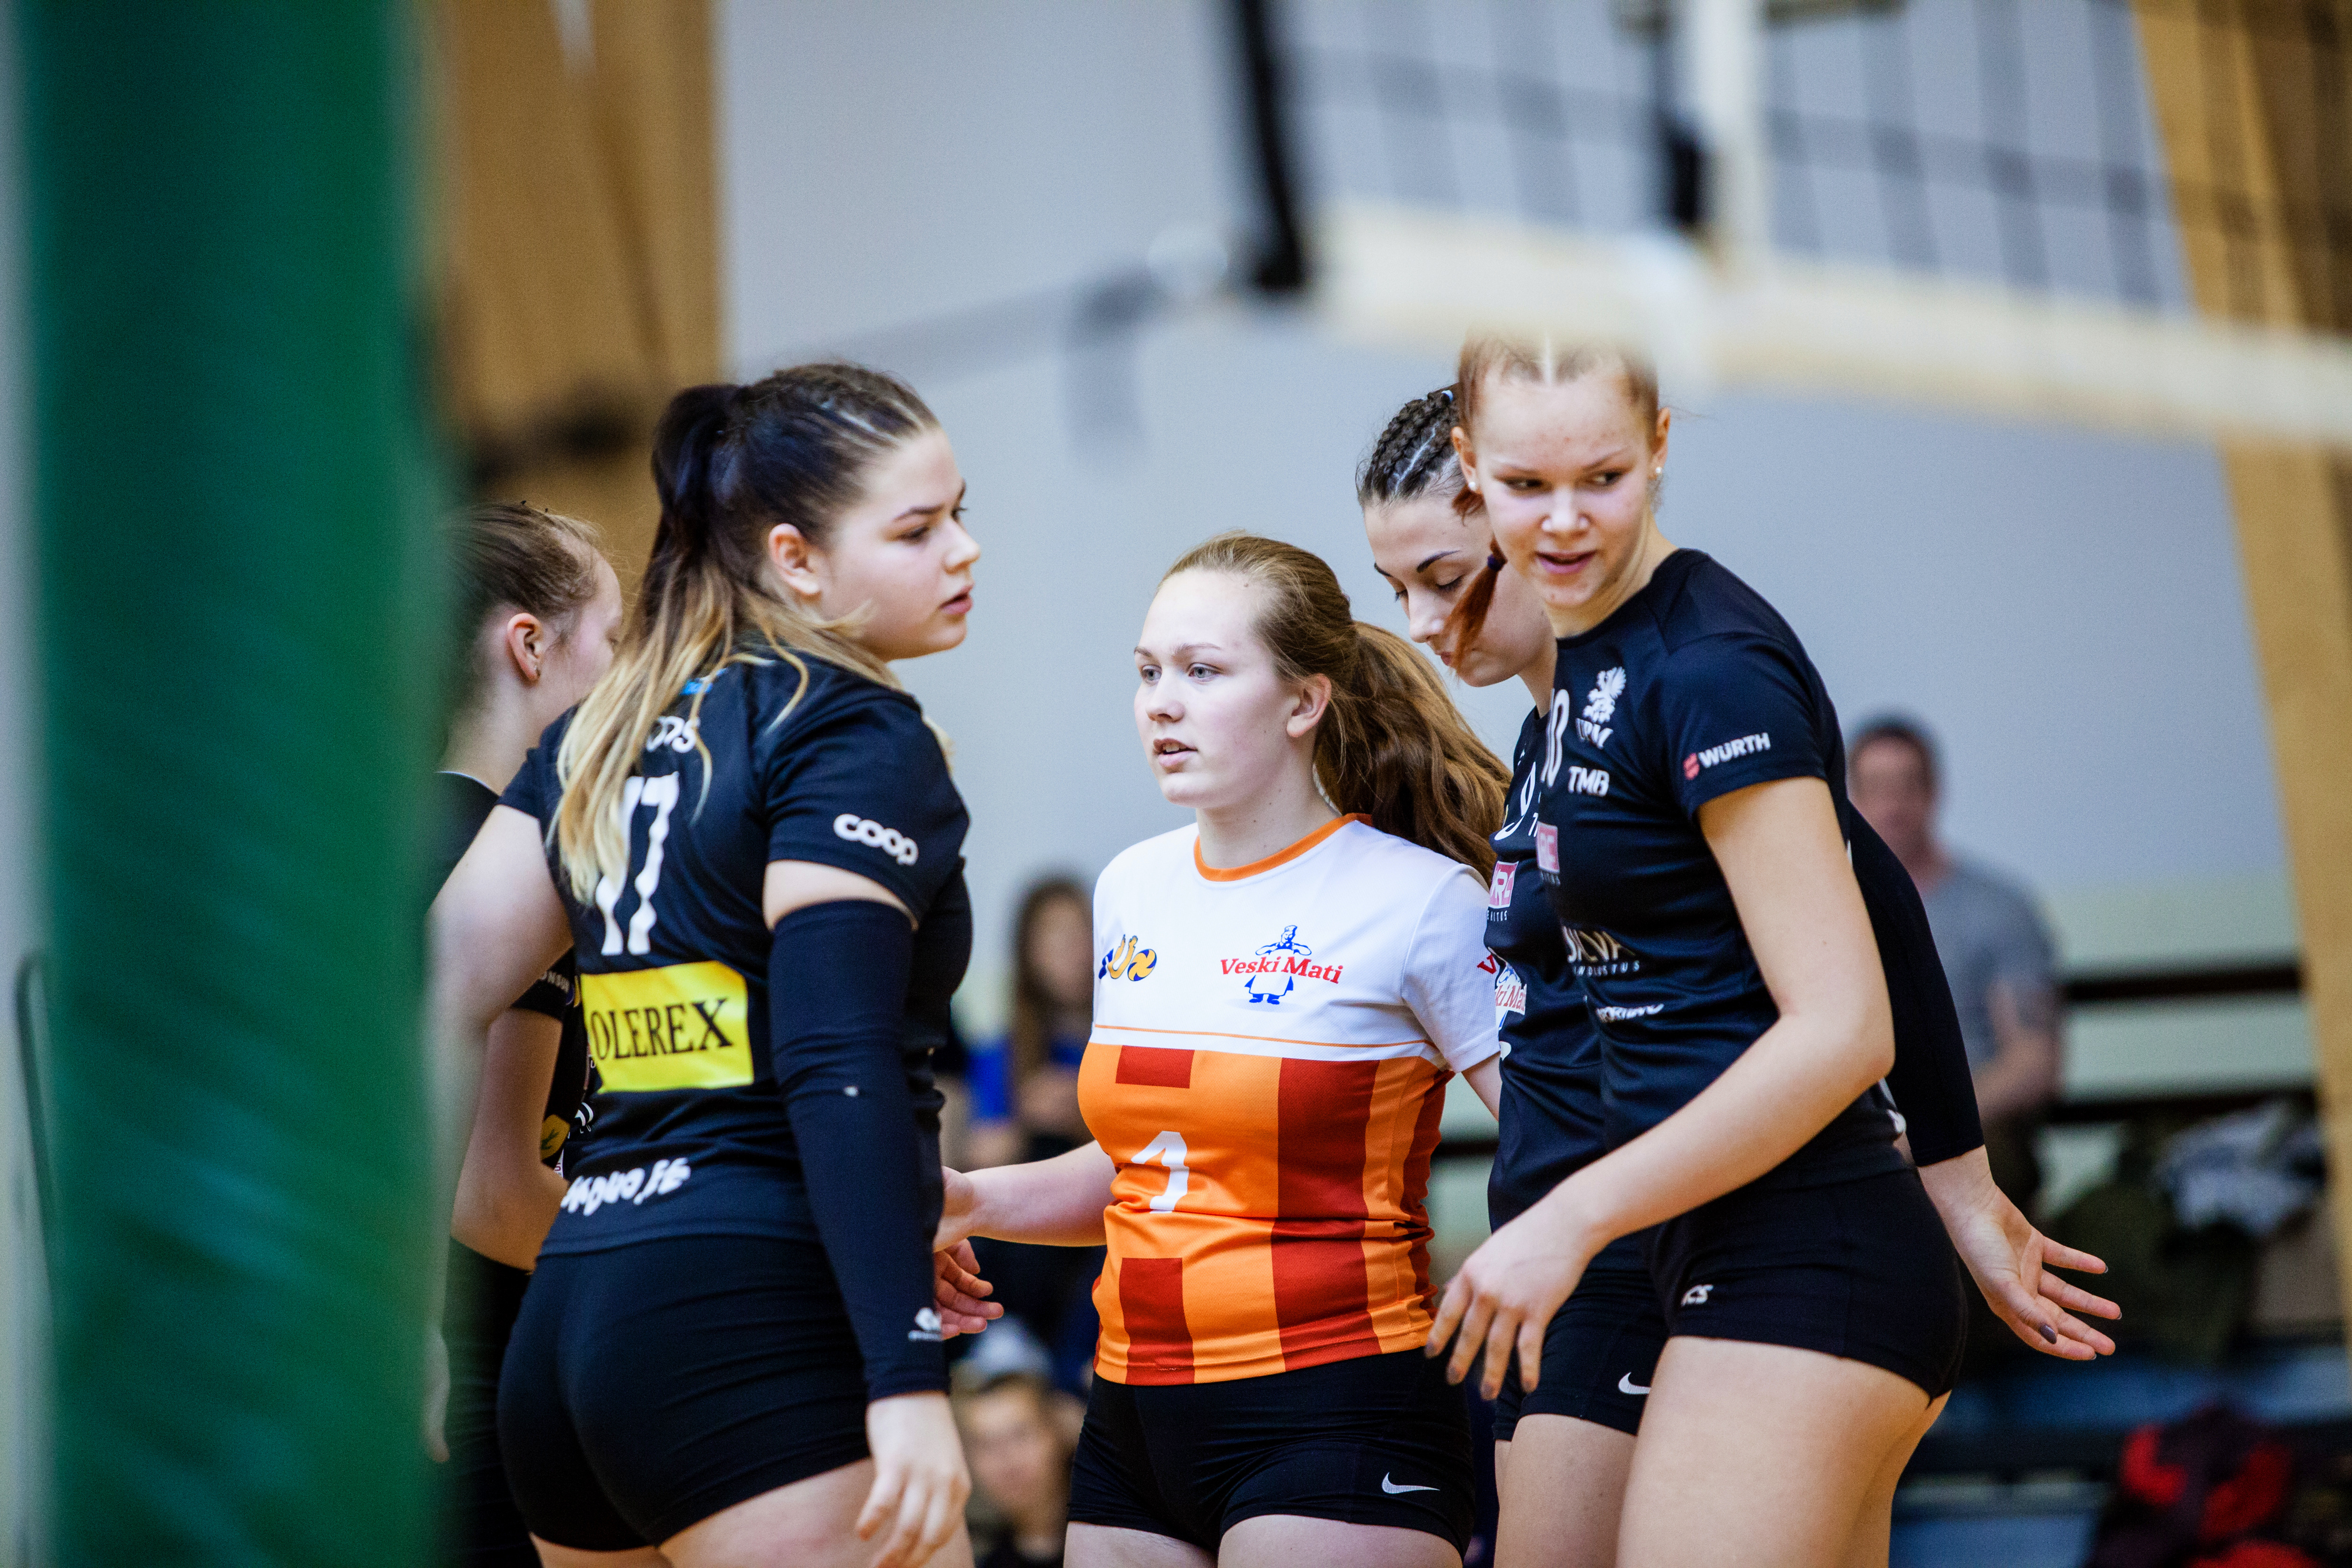 Olerex/Veski Mati Tartu U-18 tüdrukute võistkond lõpetas Eestimeistrivõistluste finaalturniiri 5.kohaga. Pildid!